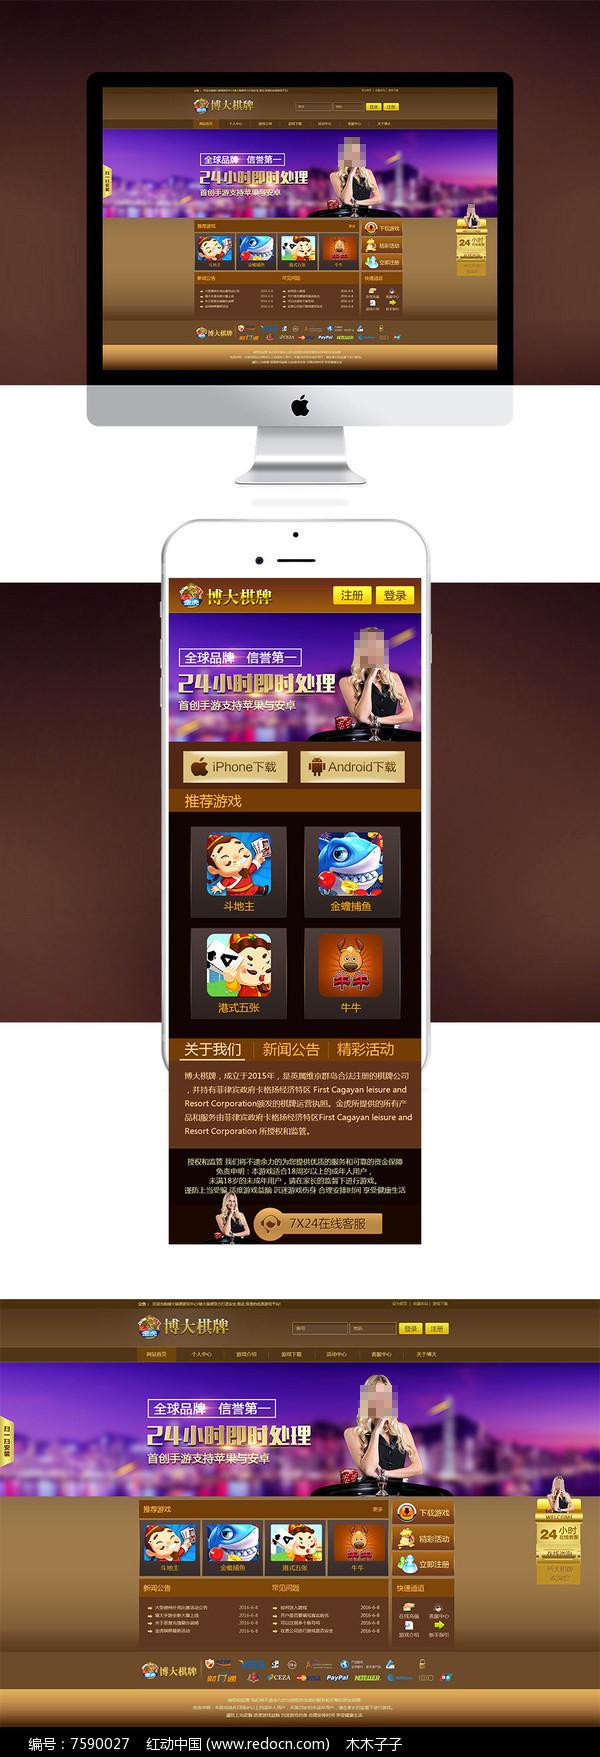 棋牌室博彩企业网站模板图片